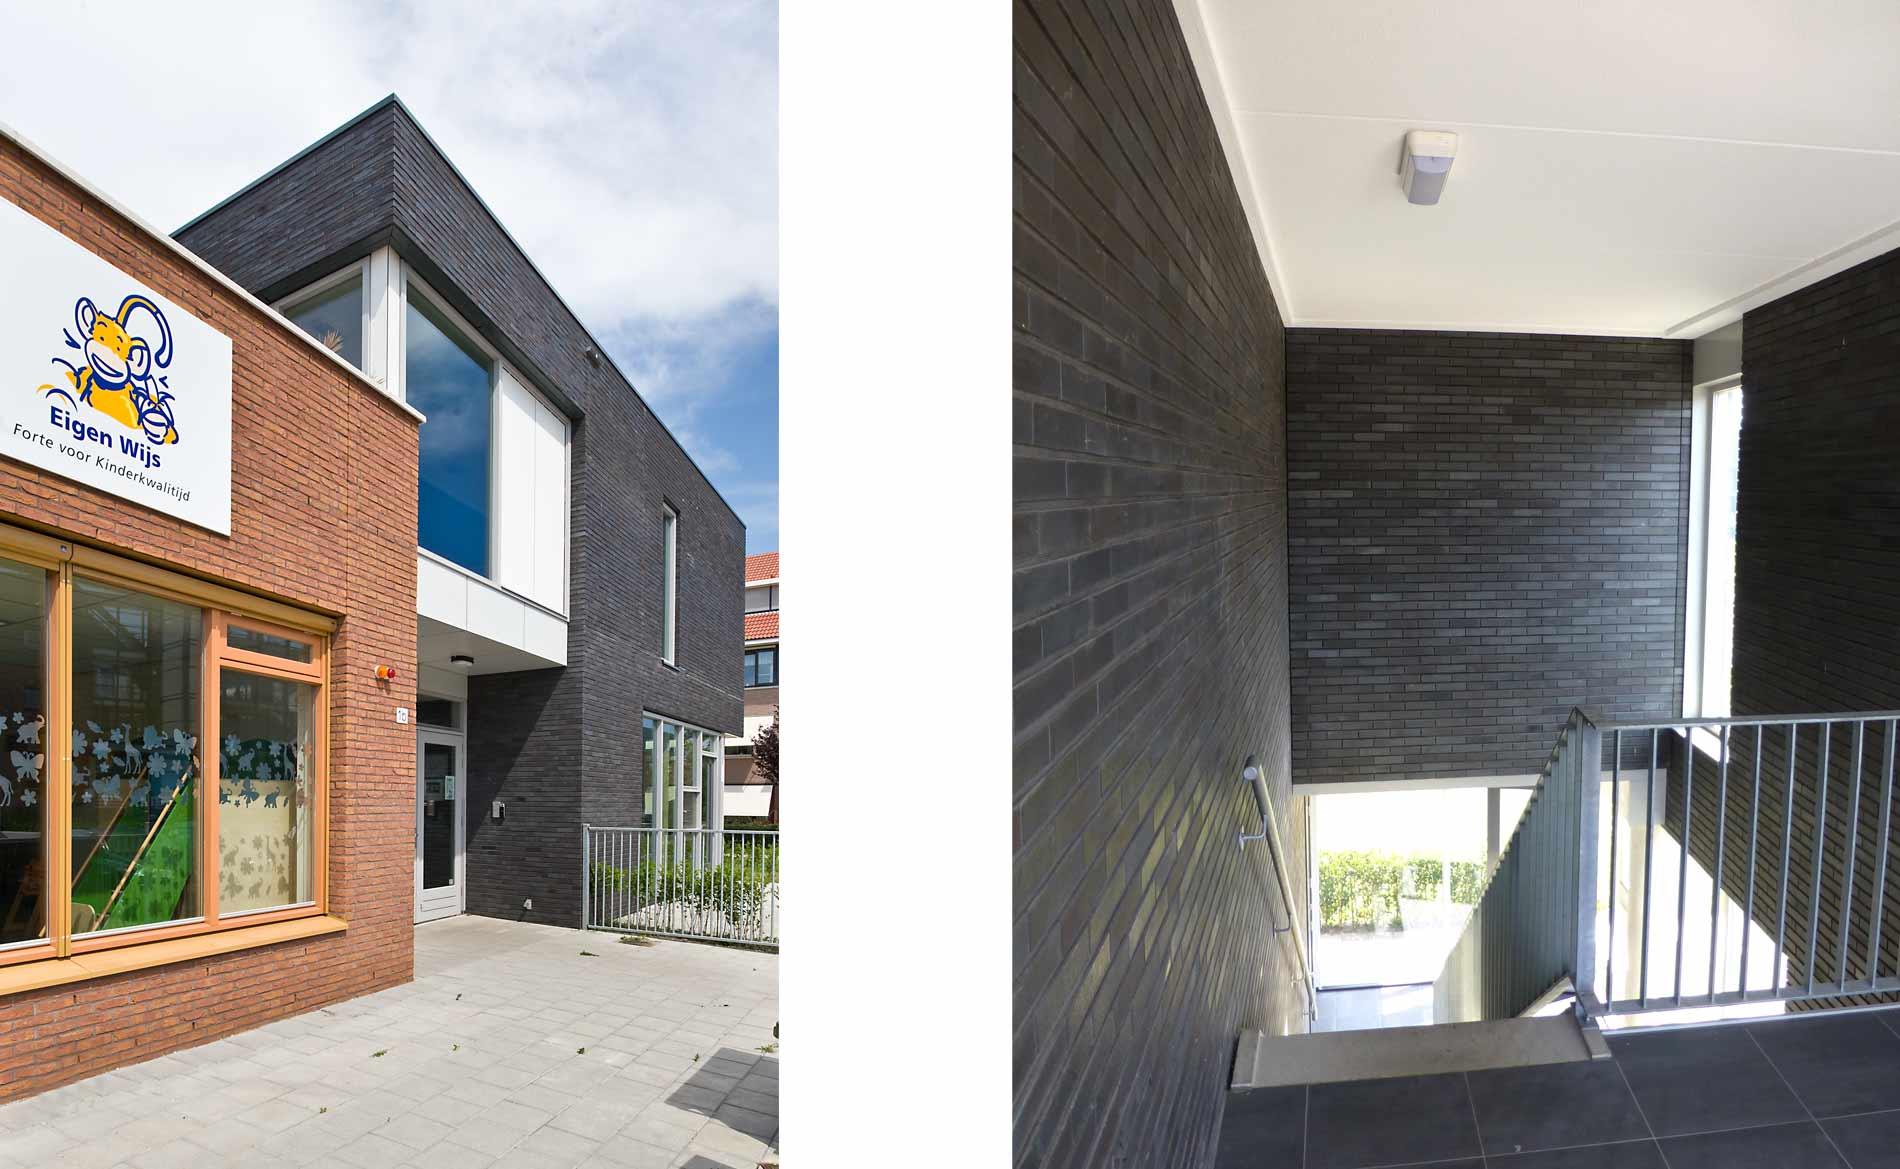 architect kinderopvang en appartementen kinderdagverblijf Eigen Wijs Limmen BBHD architecten